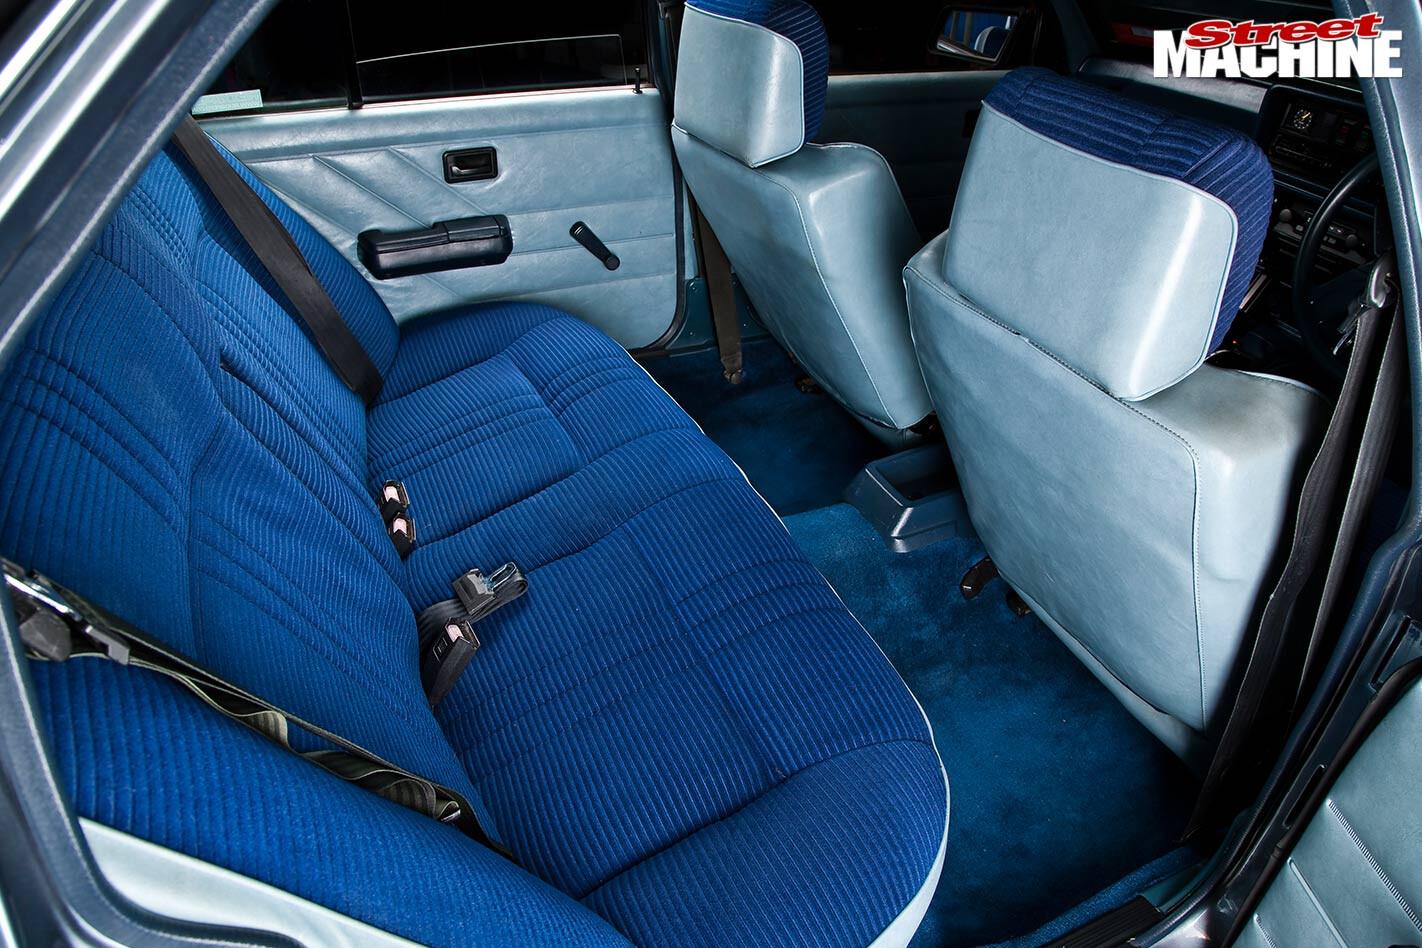 Holden VH Commodore interior rear